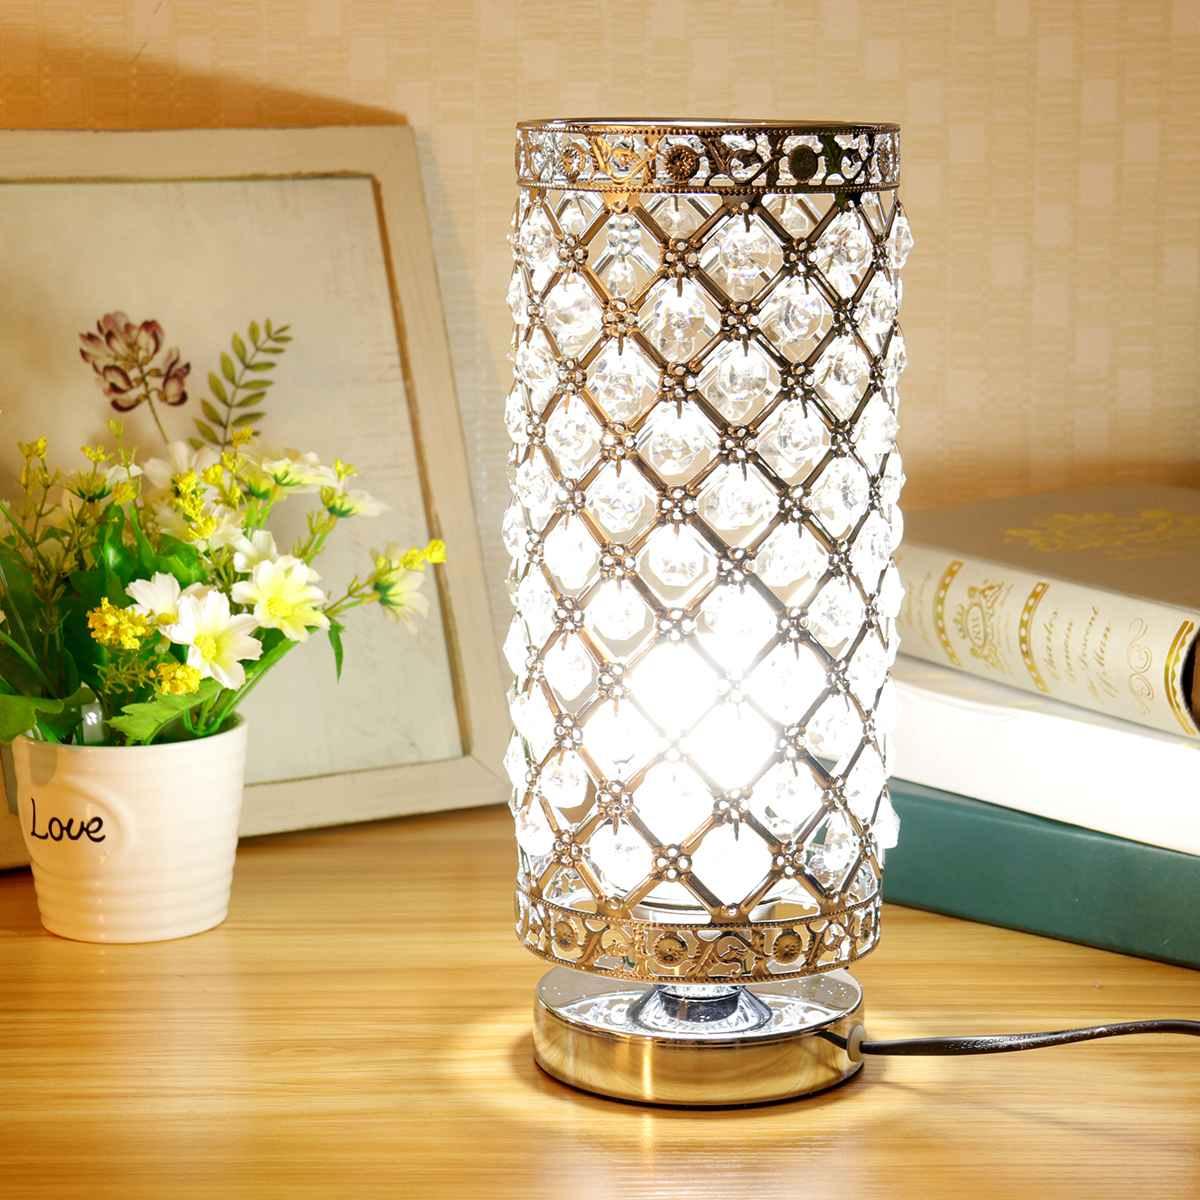 現代クリスタルデスクテーブルランプの他にナイトランプ E27 ホルダー家の寝室の装飾調節可能な屋内照明